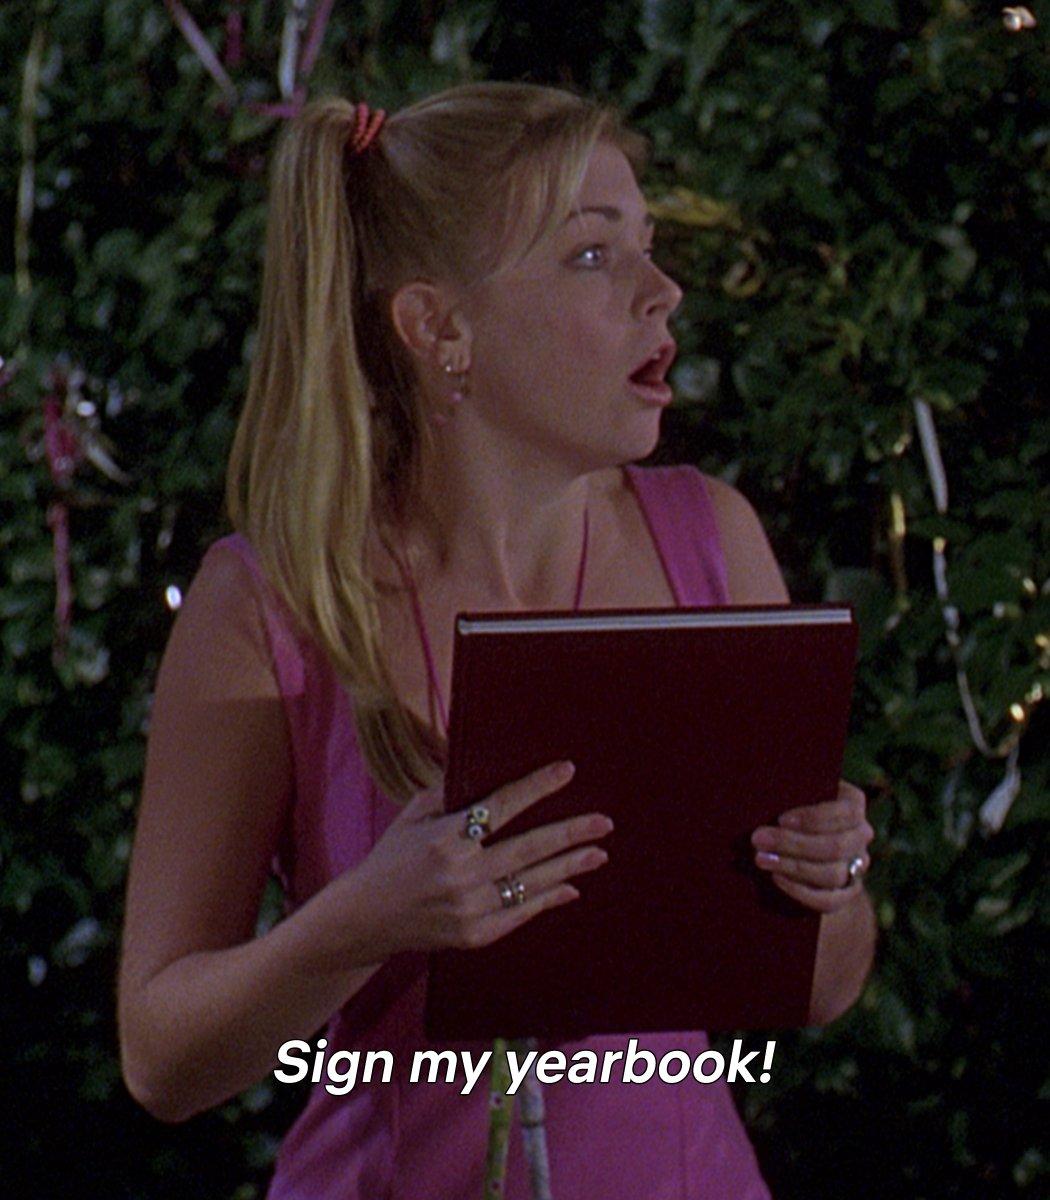 Dear Sabrina,   Signed,  Sabrina